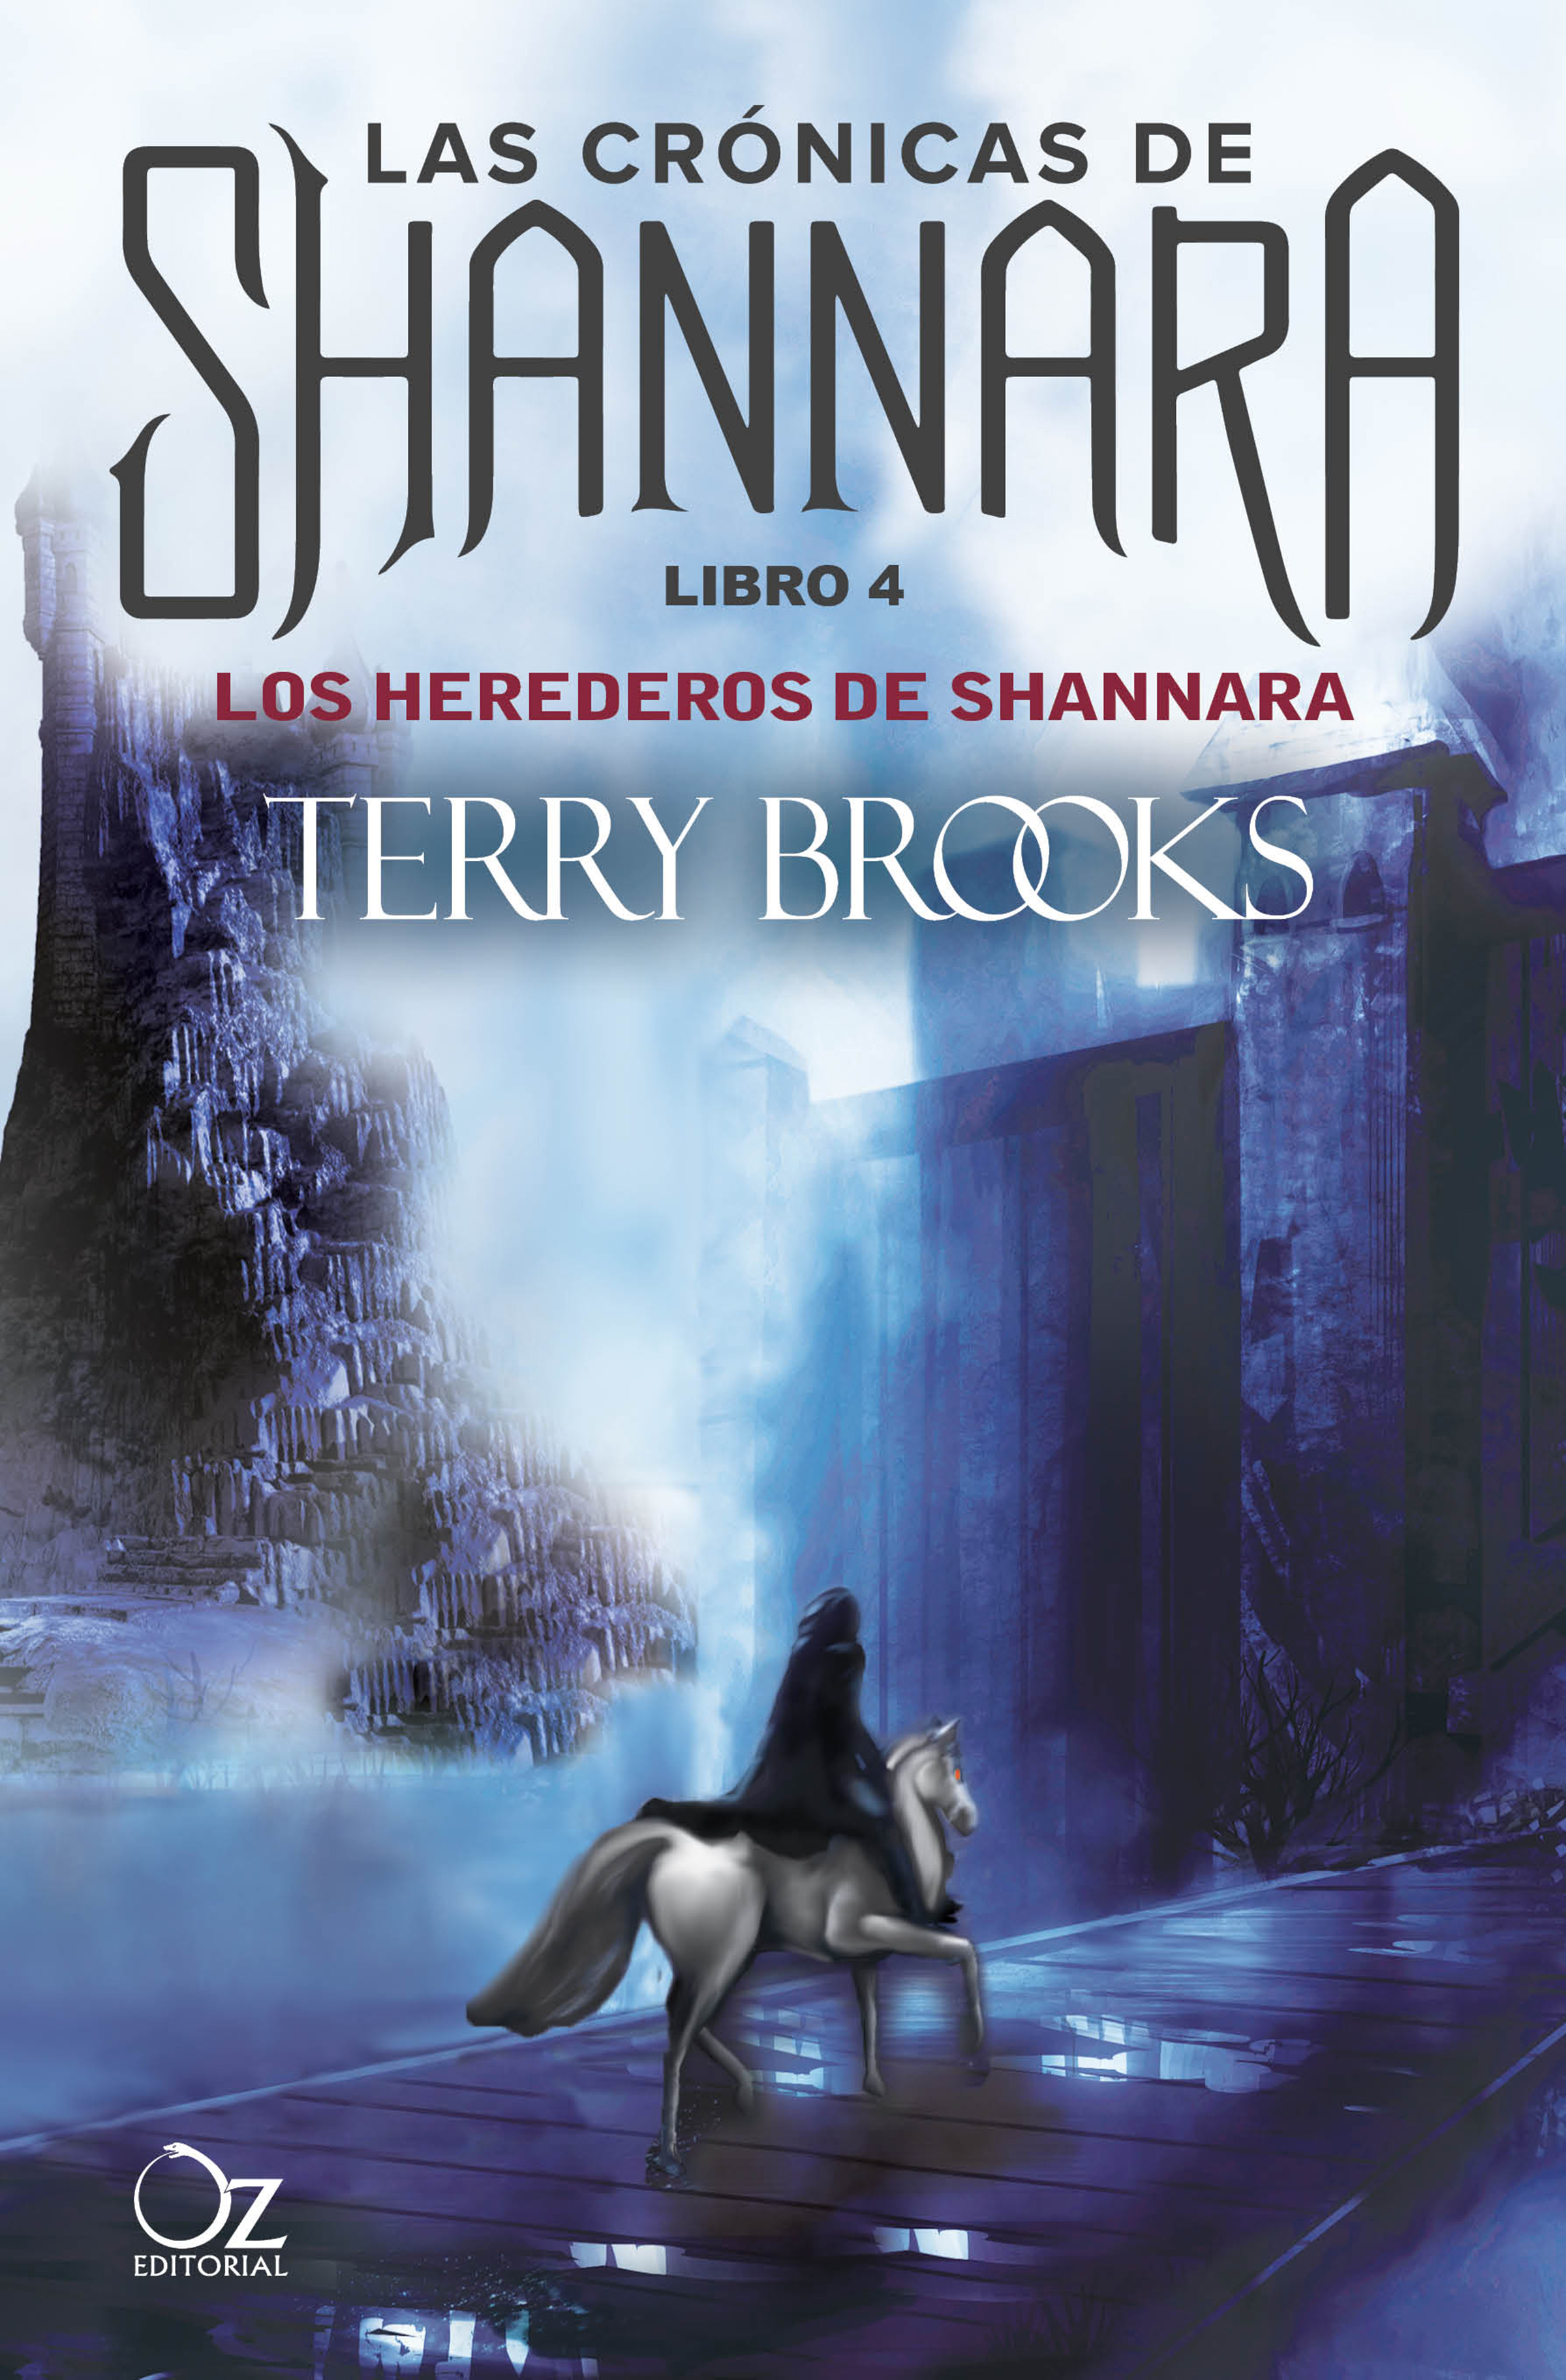 Terry Brooks Los herederos de Shannara terry brooks los herederos de shannara